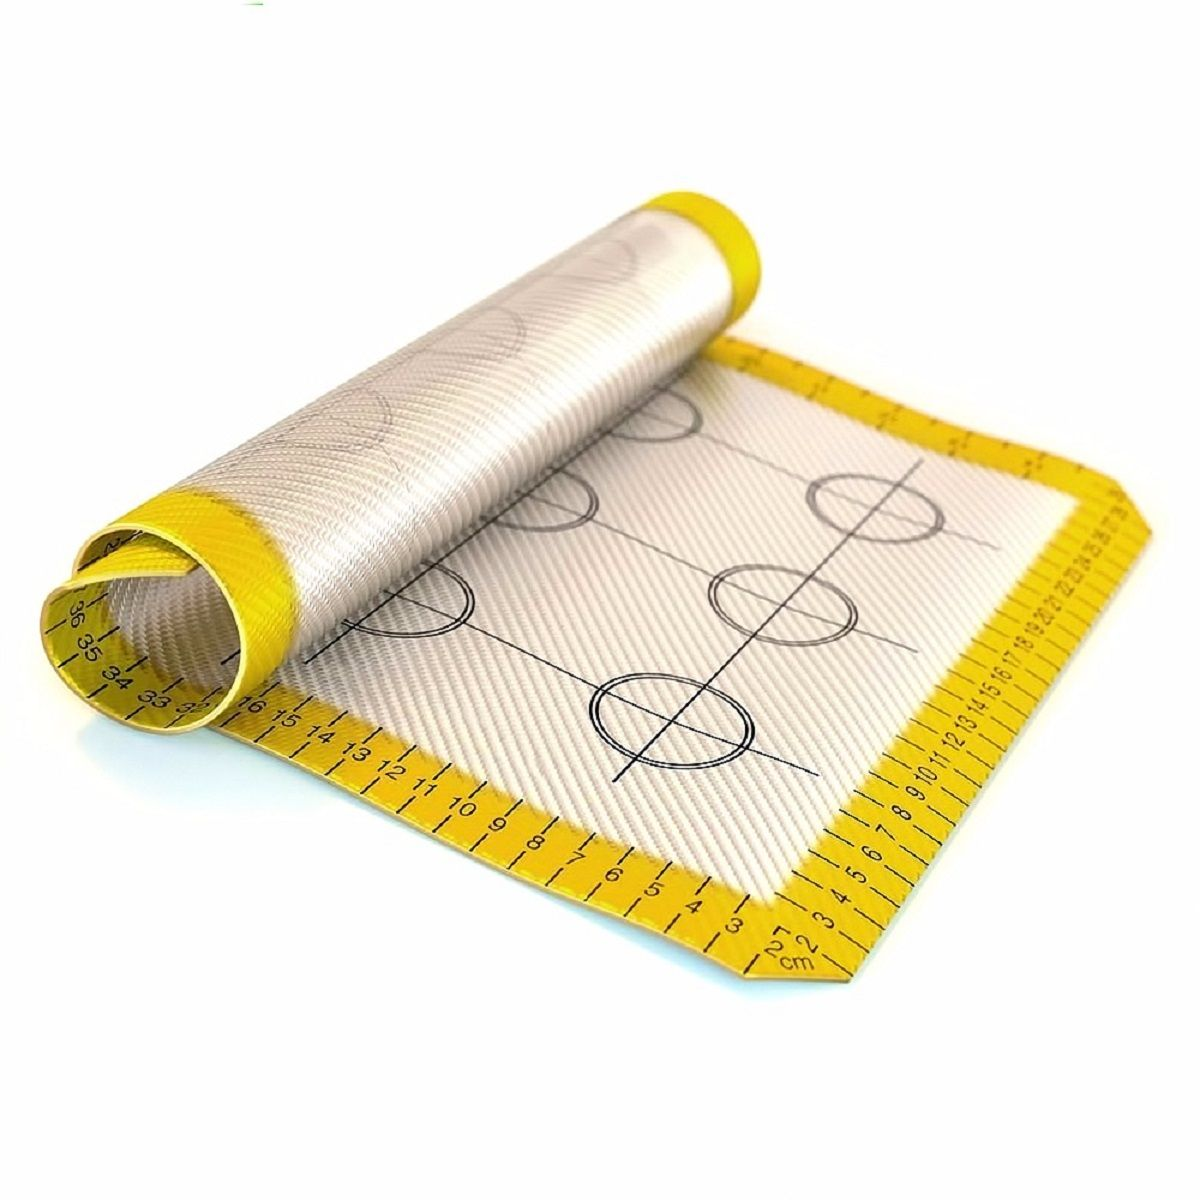 Коврик для выпекания FidgetGo, силиконовый, цвет: желтый, 40 х 30 см2212345678917Коврик для выпекания FidgetGo - более легкая уборка после выпеканияфруктовых пирожных, пиццы, печенья,рыбы, раскатывания теста. Больше ничего не прилипает! Строгопротестированная, революционная поверхность без прилипания продуктов,означает, что вы будете использовать его каждый день, много лет!Продвинутая технология воздушной циркуляции обеспечивает равномерноеприготовление, превосходную золотистую корочку: не нужно масло, вы всеравно получите эту совершенную золотую текстуру, которую вы жаждете, безсырых или сожженных краев.Этот силиконовый мат заменитпергаментную бумагу и противень! Все просто.Его можно использоватьдляморозильной камеры и для посудомоечной машины.